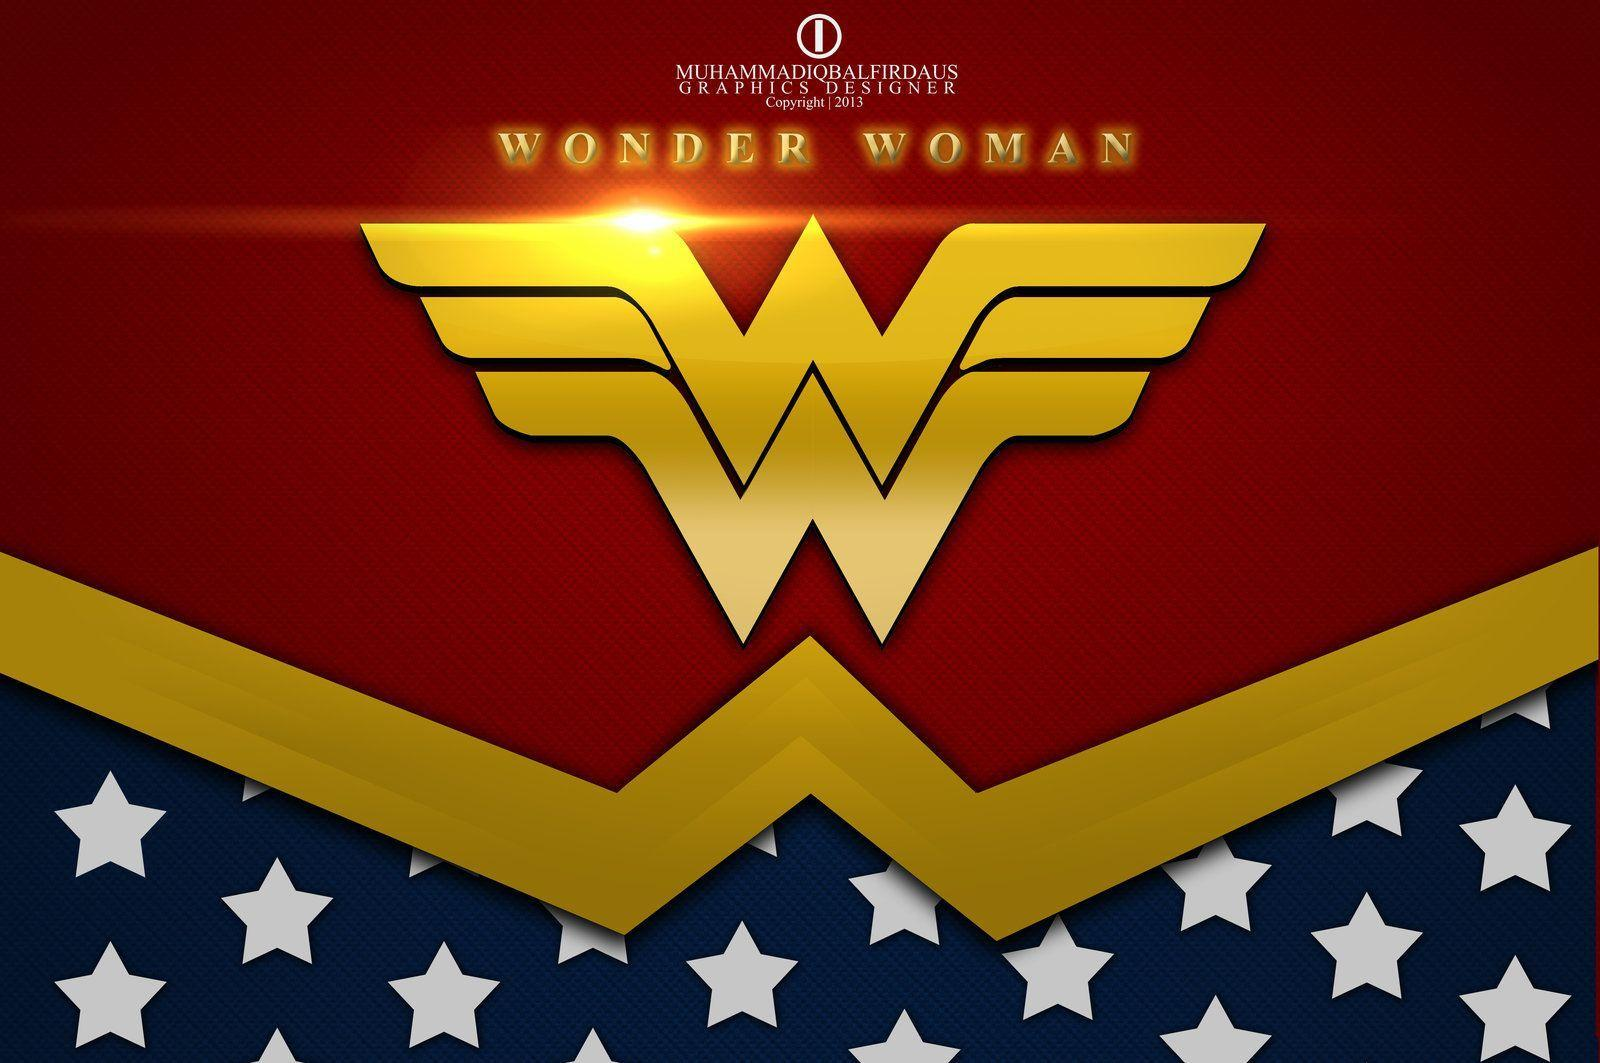 Wonder Woman Wallpaper HD - WallpaperSafari